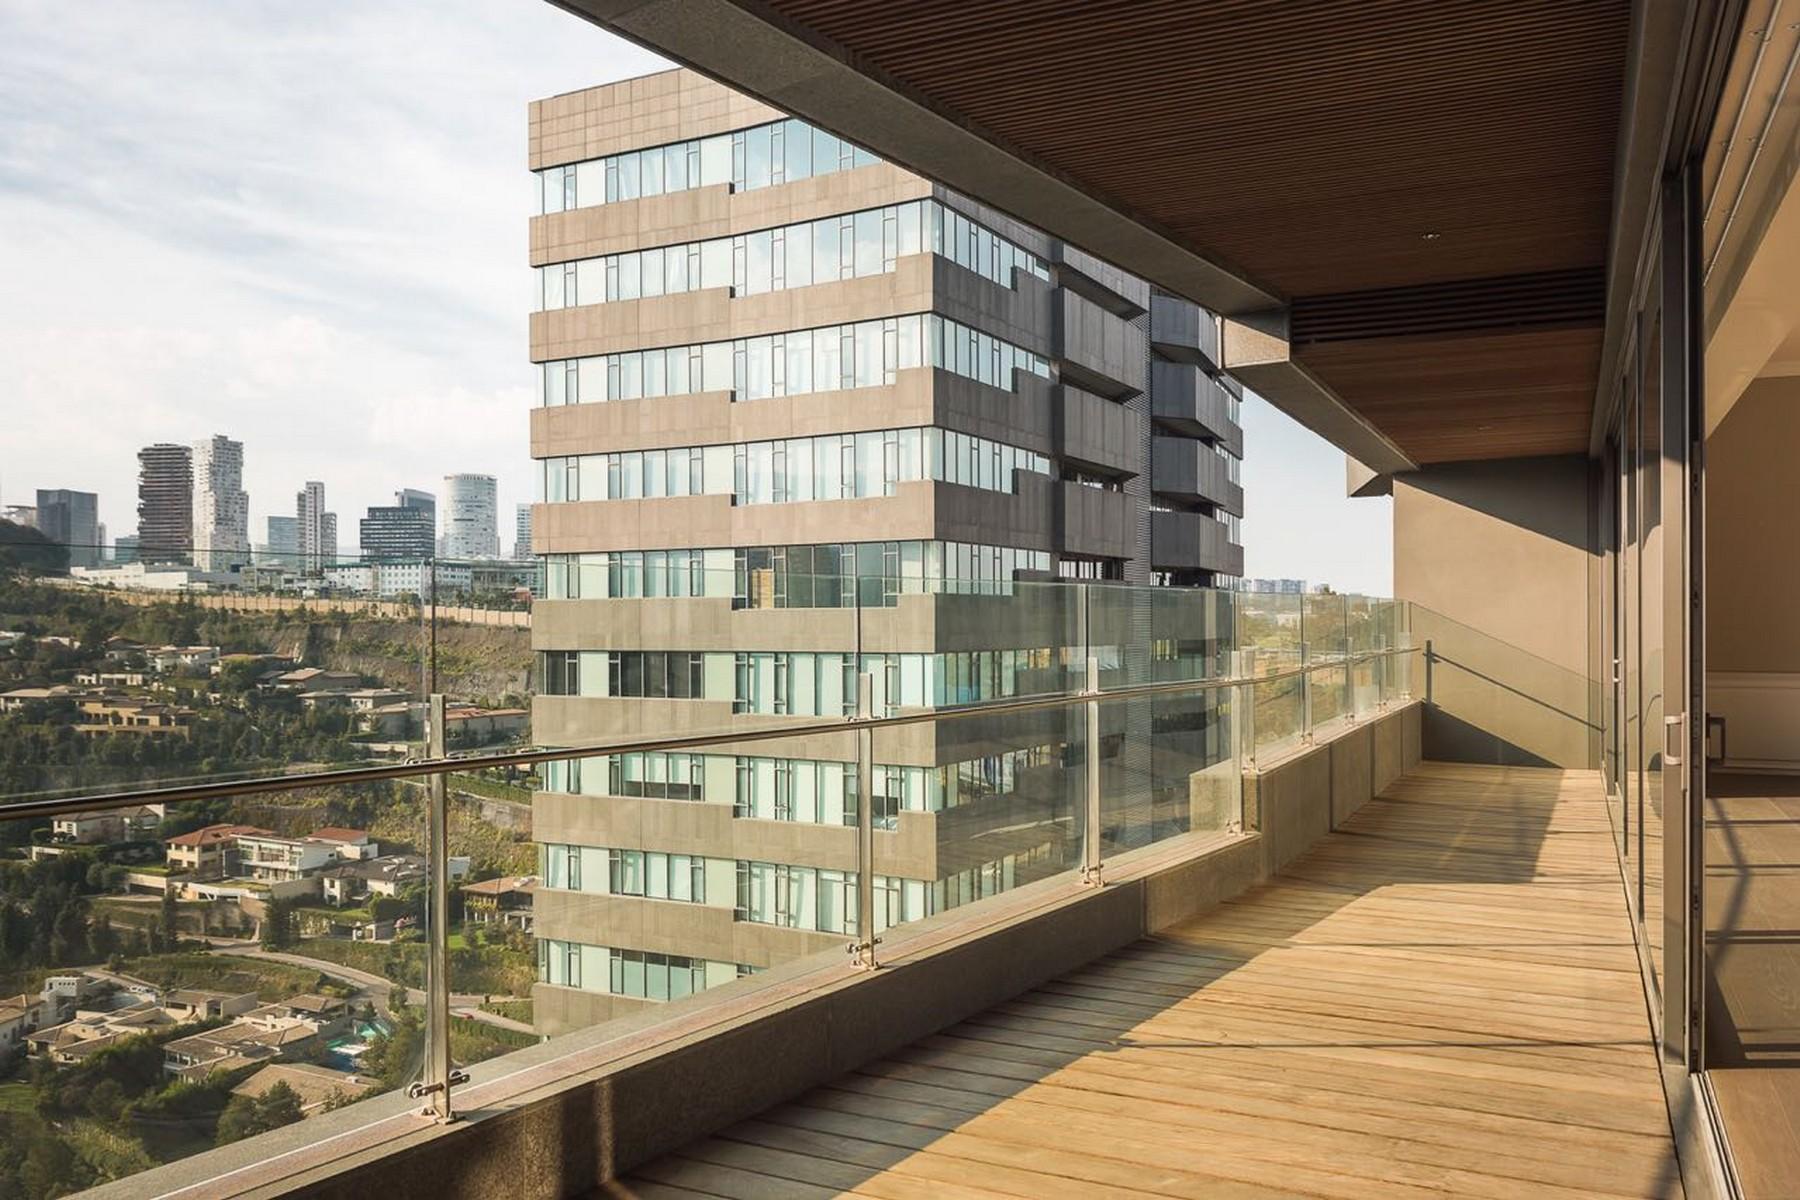 Apartment for Sale at Torres del Parque, Bosques de Santa Fe, Mexico City Mexico City, Ciudad de Mexico 05600 Mexico